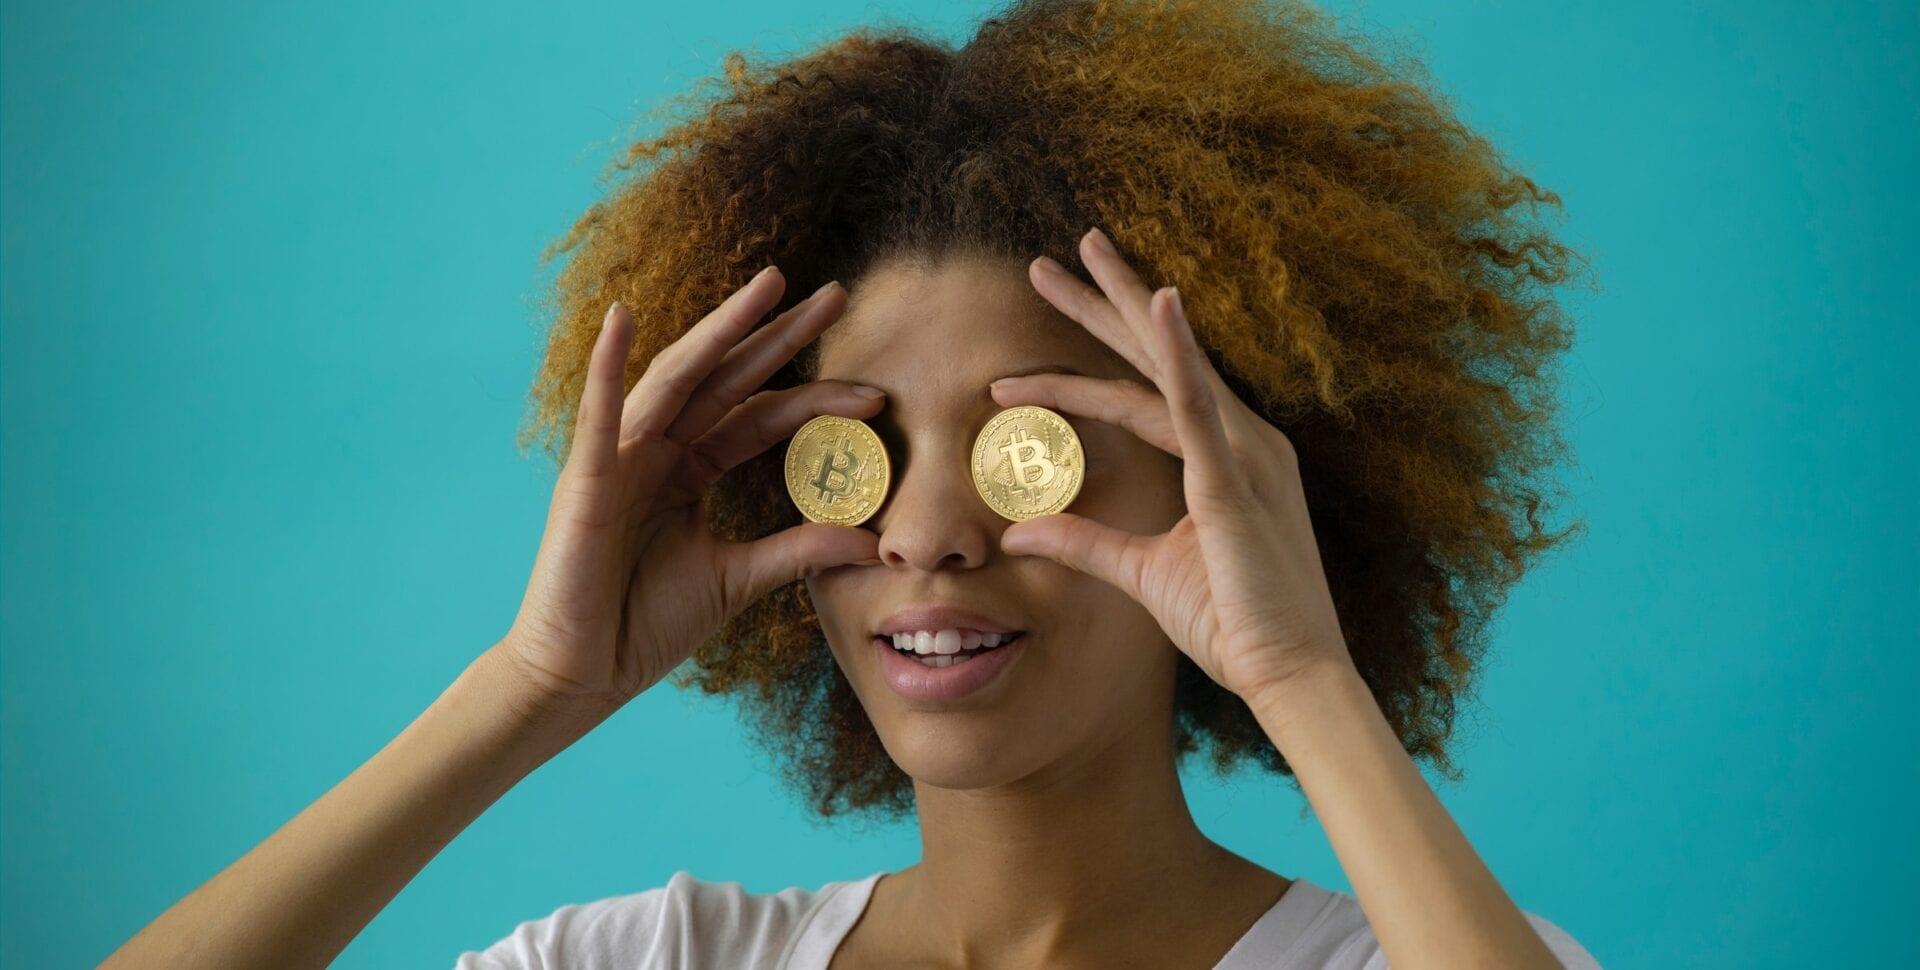 inversores caida bitcoin